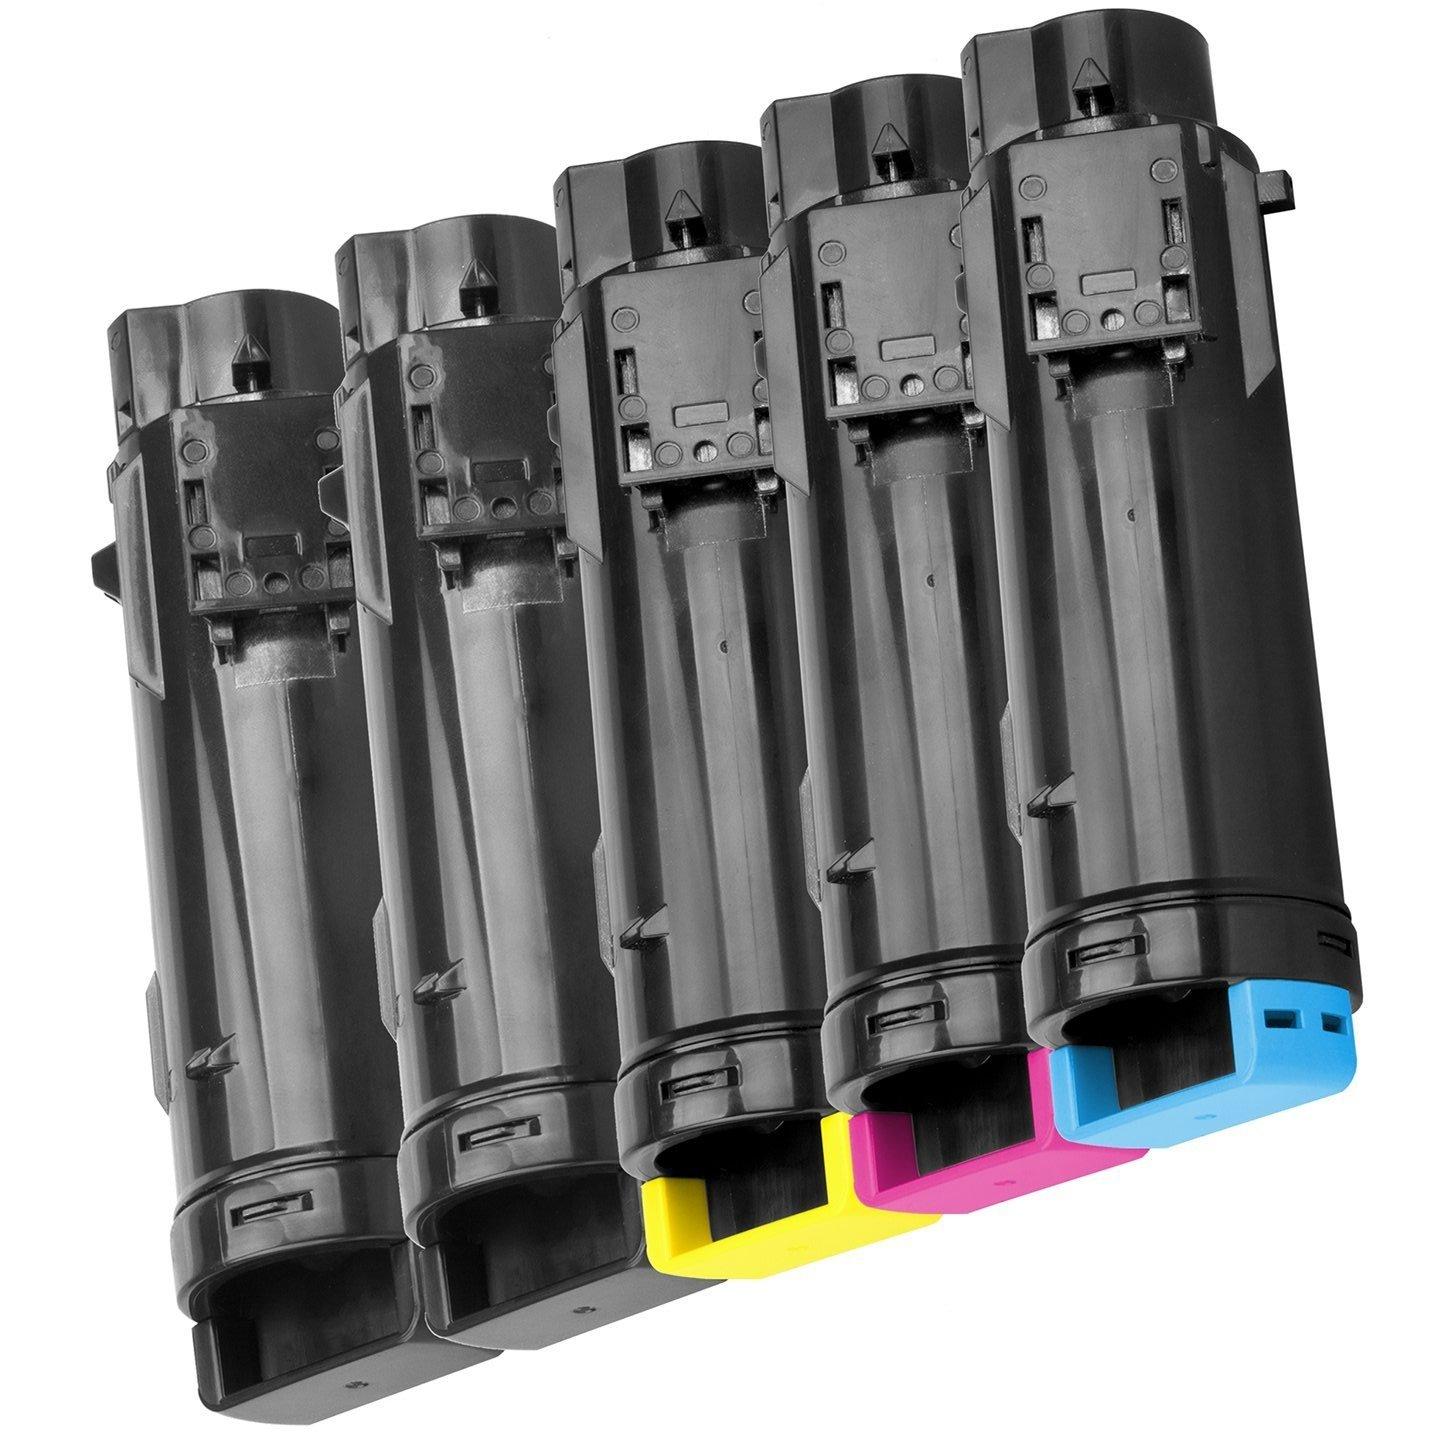 2 Compatibles Cartuchos de tóner para DELL DELL para H625cdw, H825cdw, S2825cdn - Negro, Alta Capacidad 5e1539